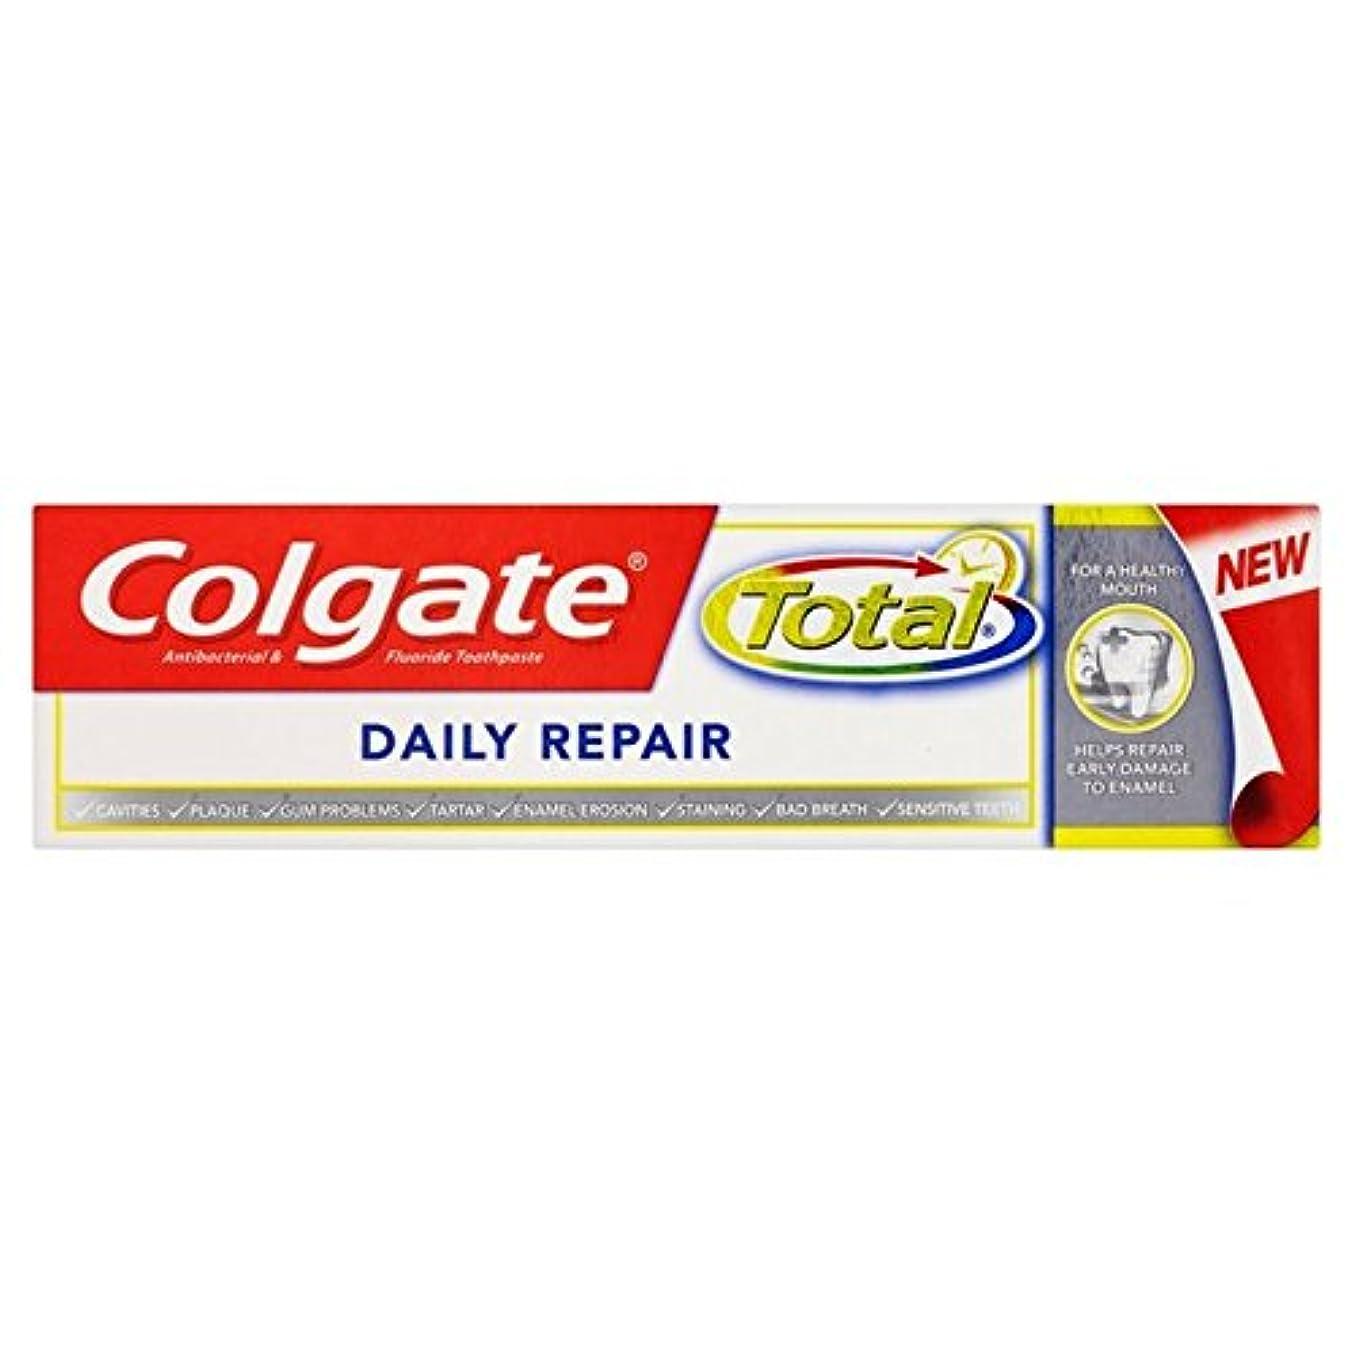 借りている光沢ブレークコルゲートトータル毎日修理歯磨き粉75ミリリットル x4 - Colgate Total Daily Repair Toothpaste 75ml (Pack of 4) [並行輸入品]